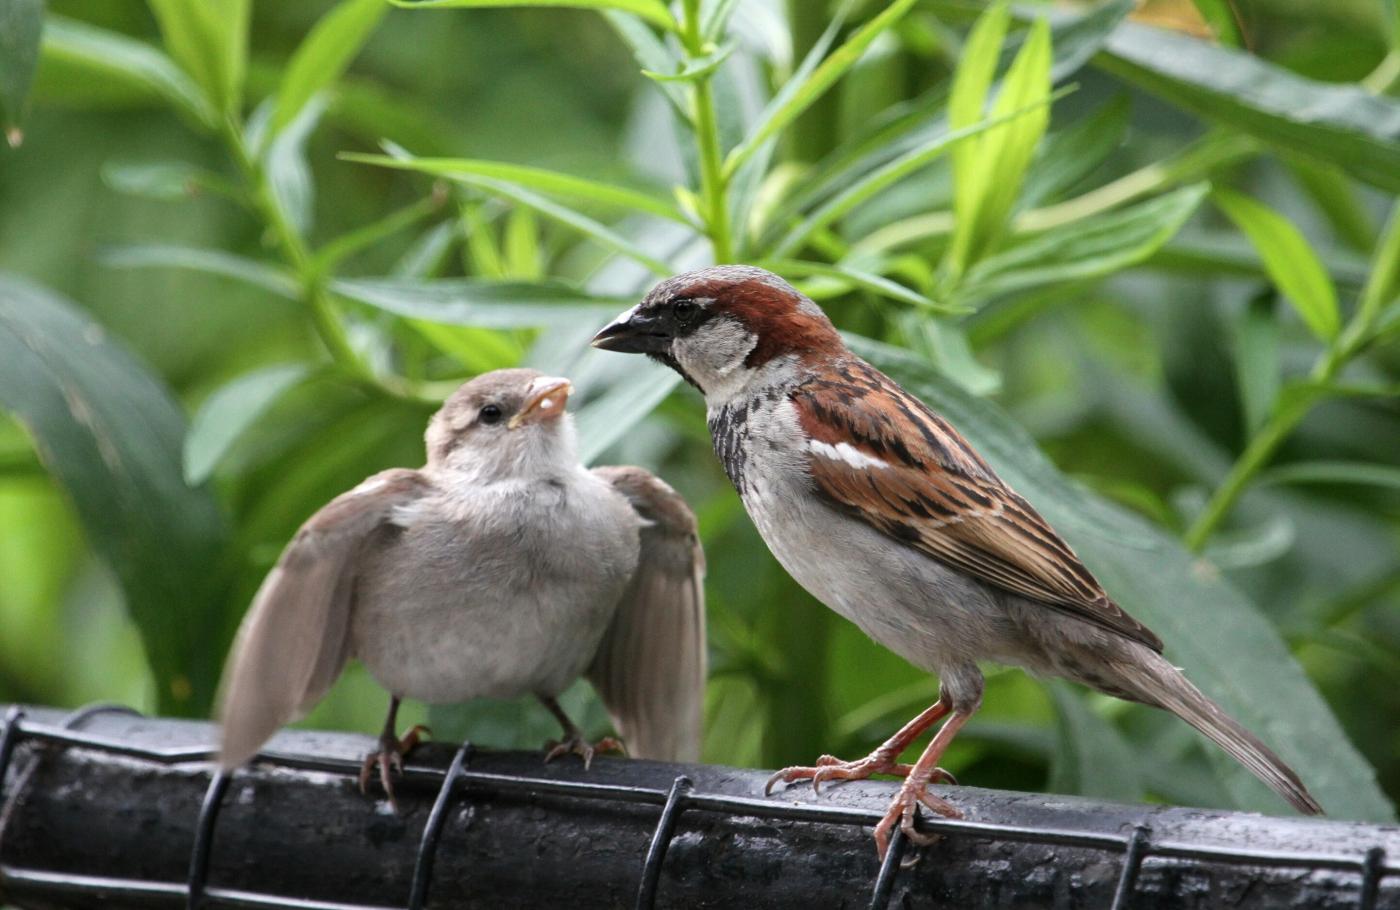 【田螺摄影】在公园拍麻雀喂养_图1-2